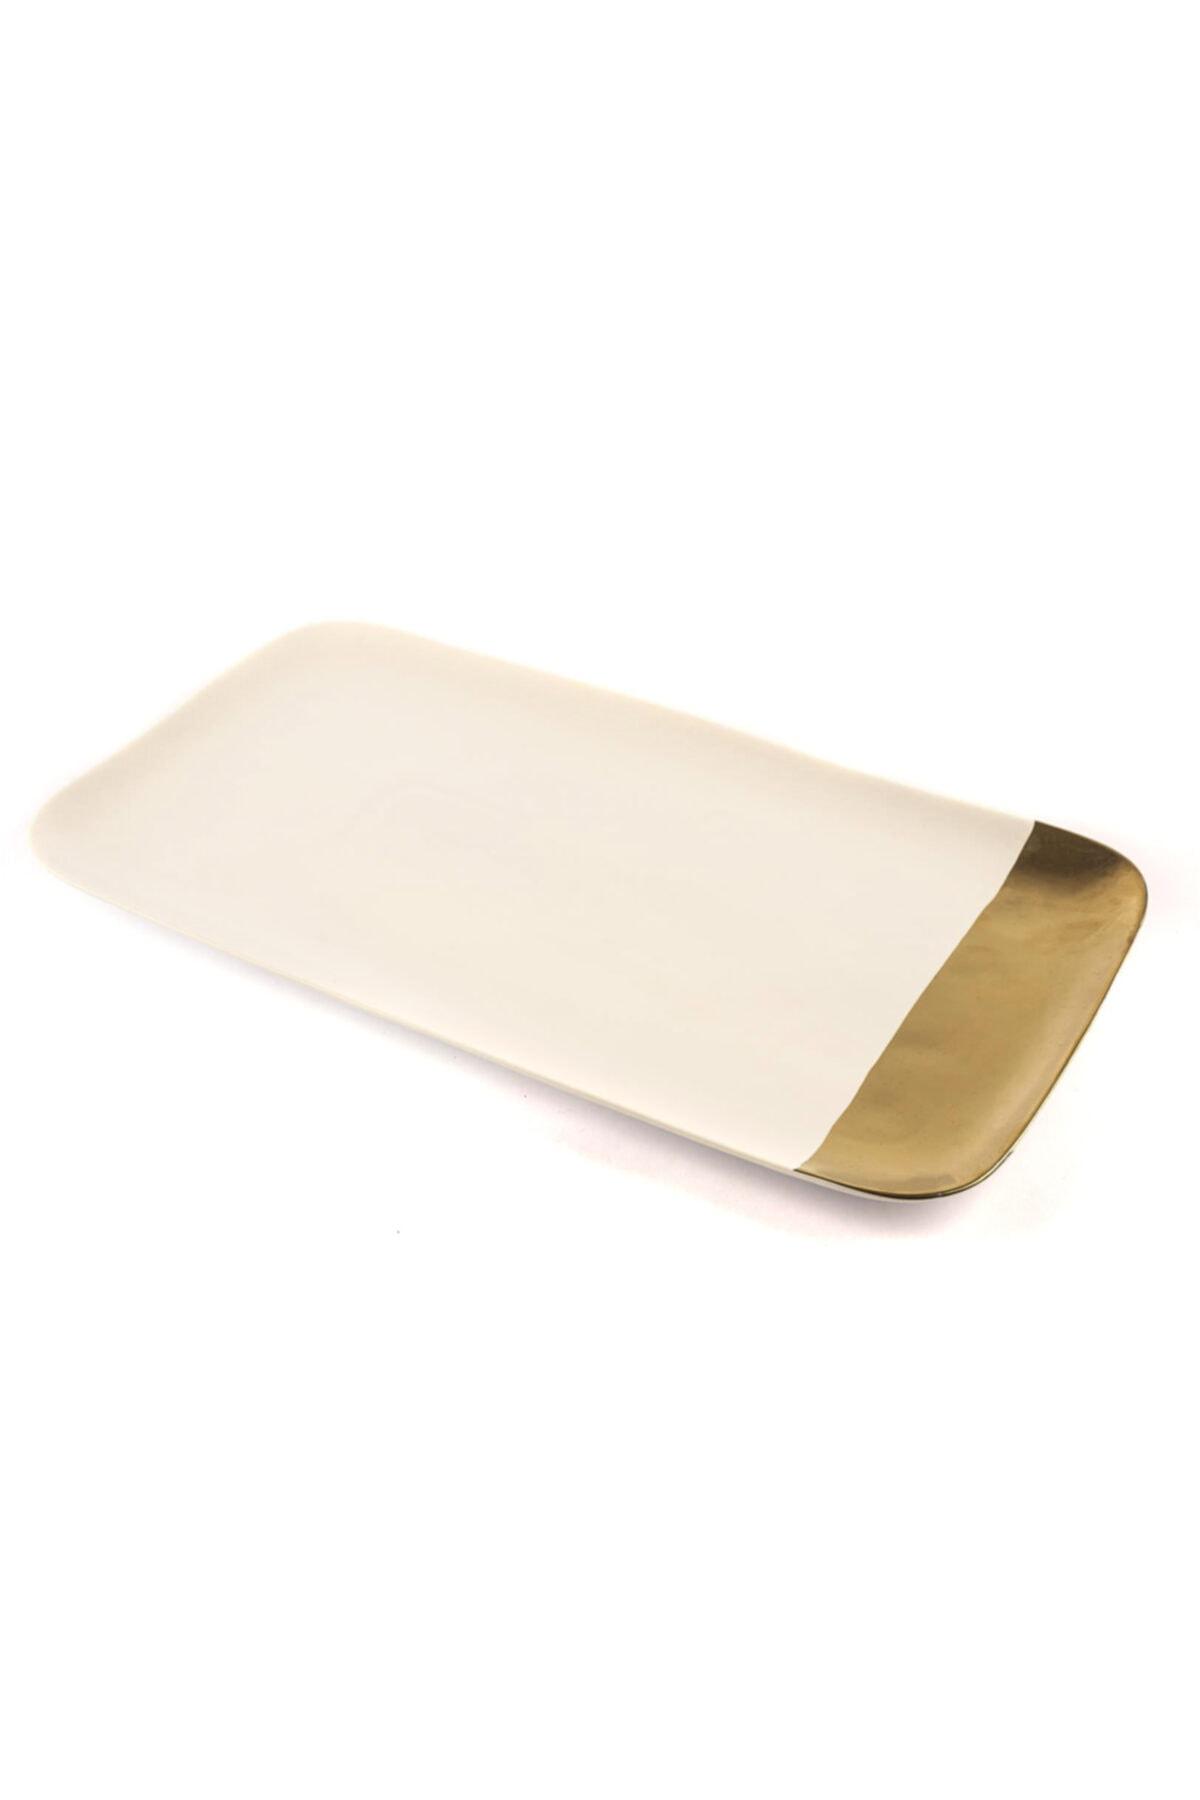 Mikasa Moor Porselen Beyaz Gold Dikdörtgen Servis 22x40 cm 1